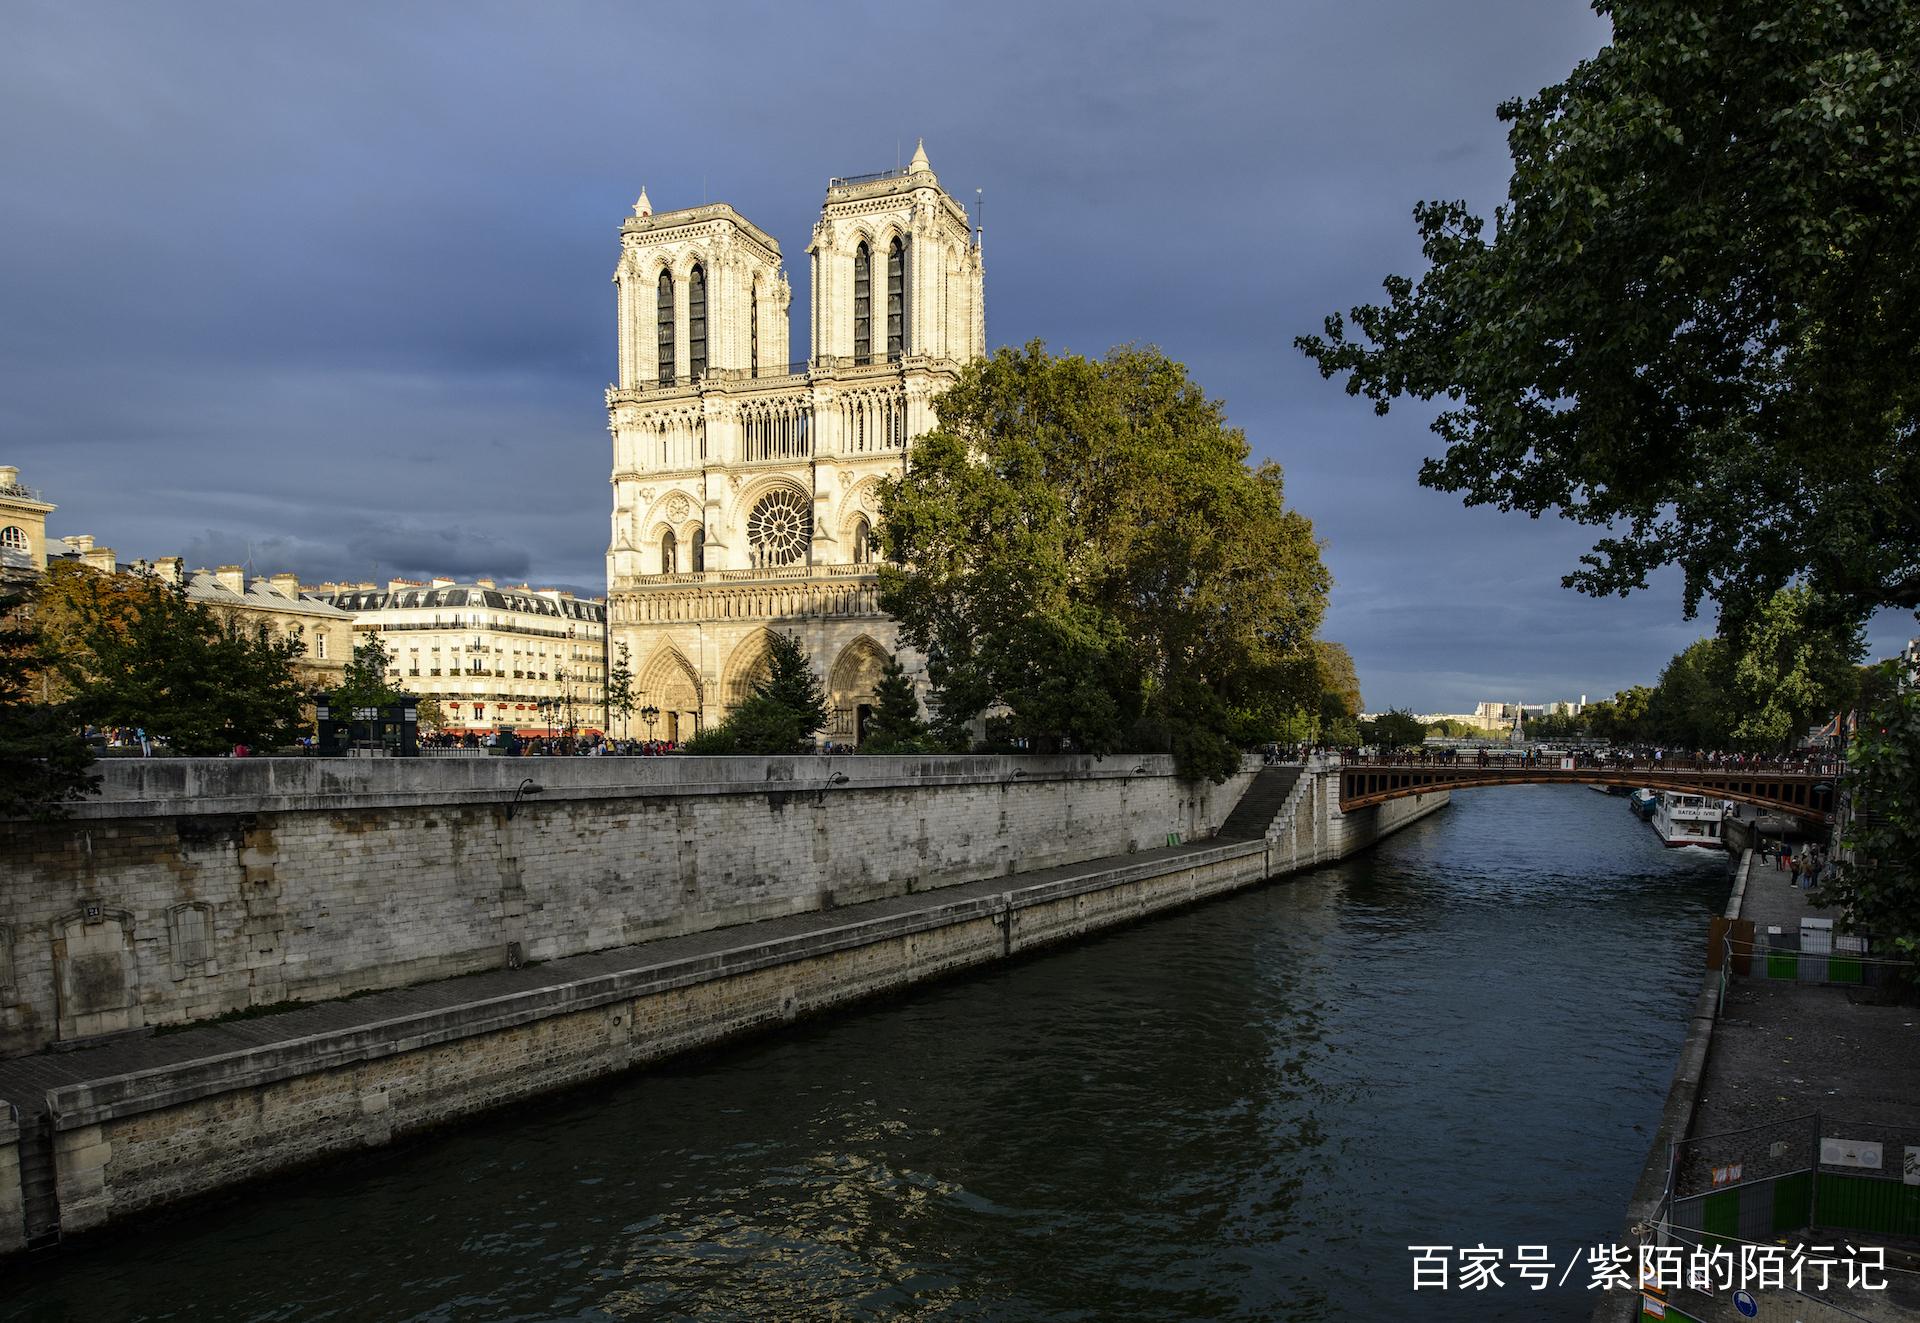 钟楼最有名的美女,巴黎怪人与吉普赛教堂的故美女喝奶水图片